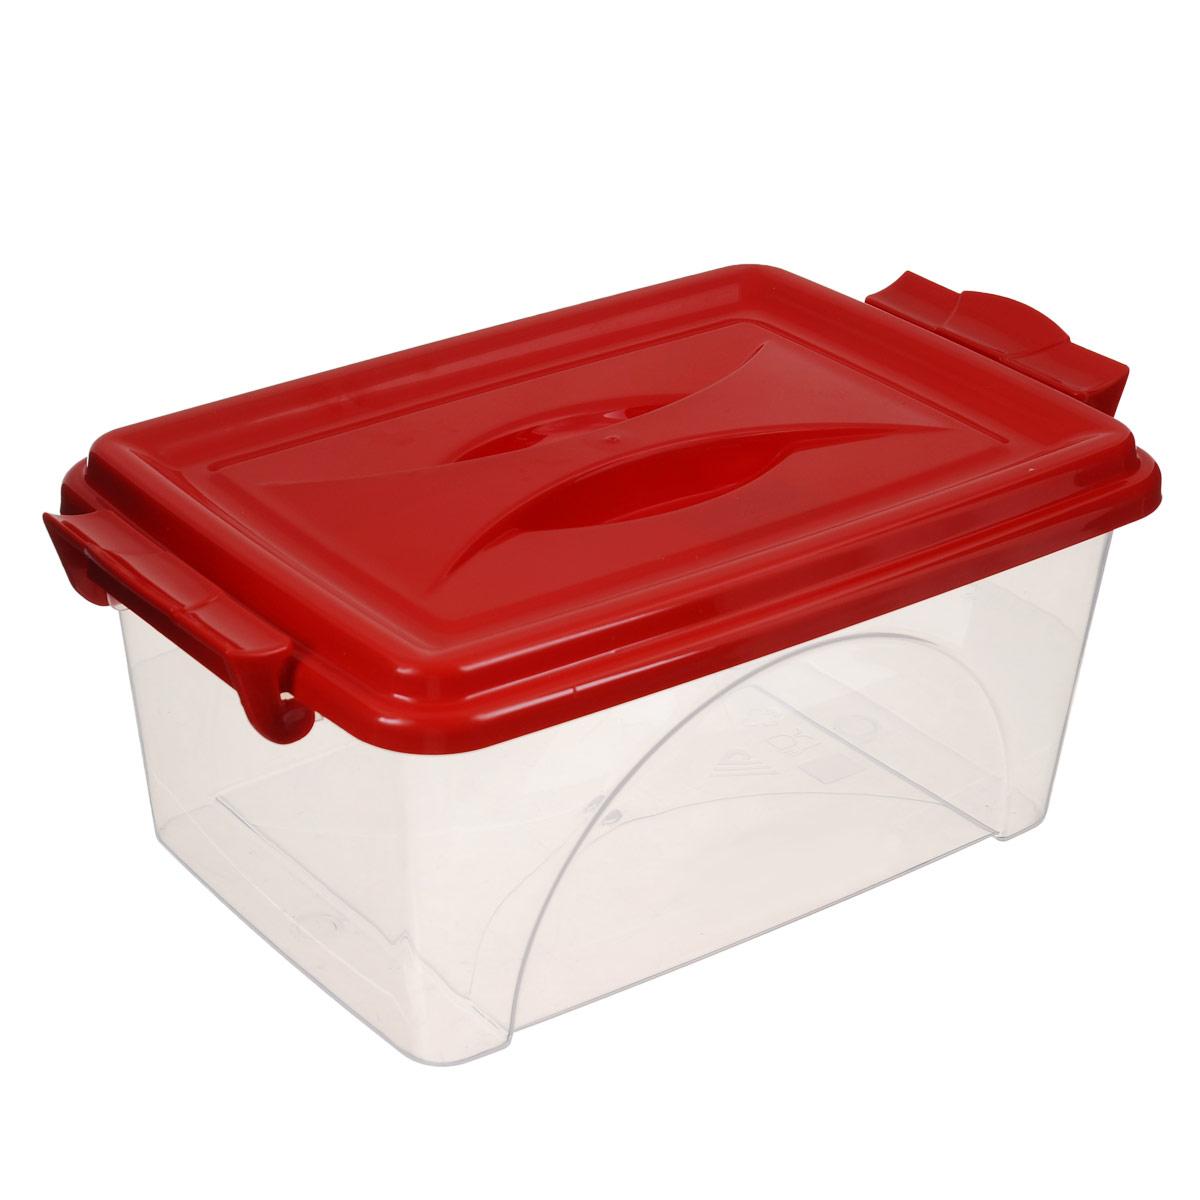 Контейнер Альтернатива, цвет: красный, 30,5 х 20 х 13,5 смМ419_красныйКонтейнер Альтернатива выполнен из прочного пластика. Он предназначен для хранения различных мелких вещей. Крышка легко открывается и плотно закрывается. Прозрачные стенки позволяют видеть содержимое. По бокам предусмотрены две удобные ручки, с помощью которых контейнер закрывается. Контейнер поможет хранить все в одном месте, а также защитить вещи от пыли, грязи и влаги.